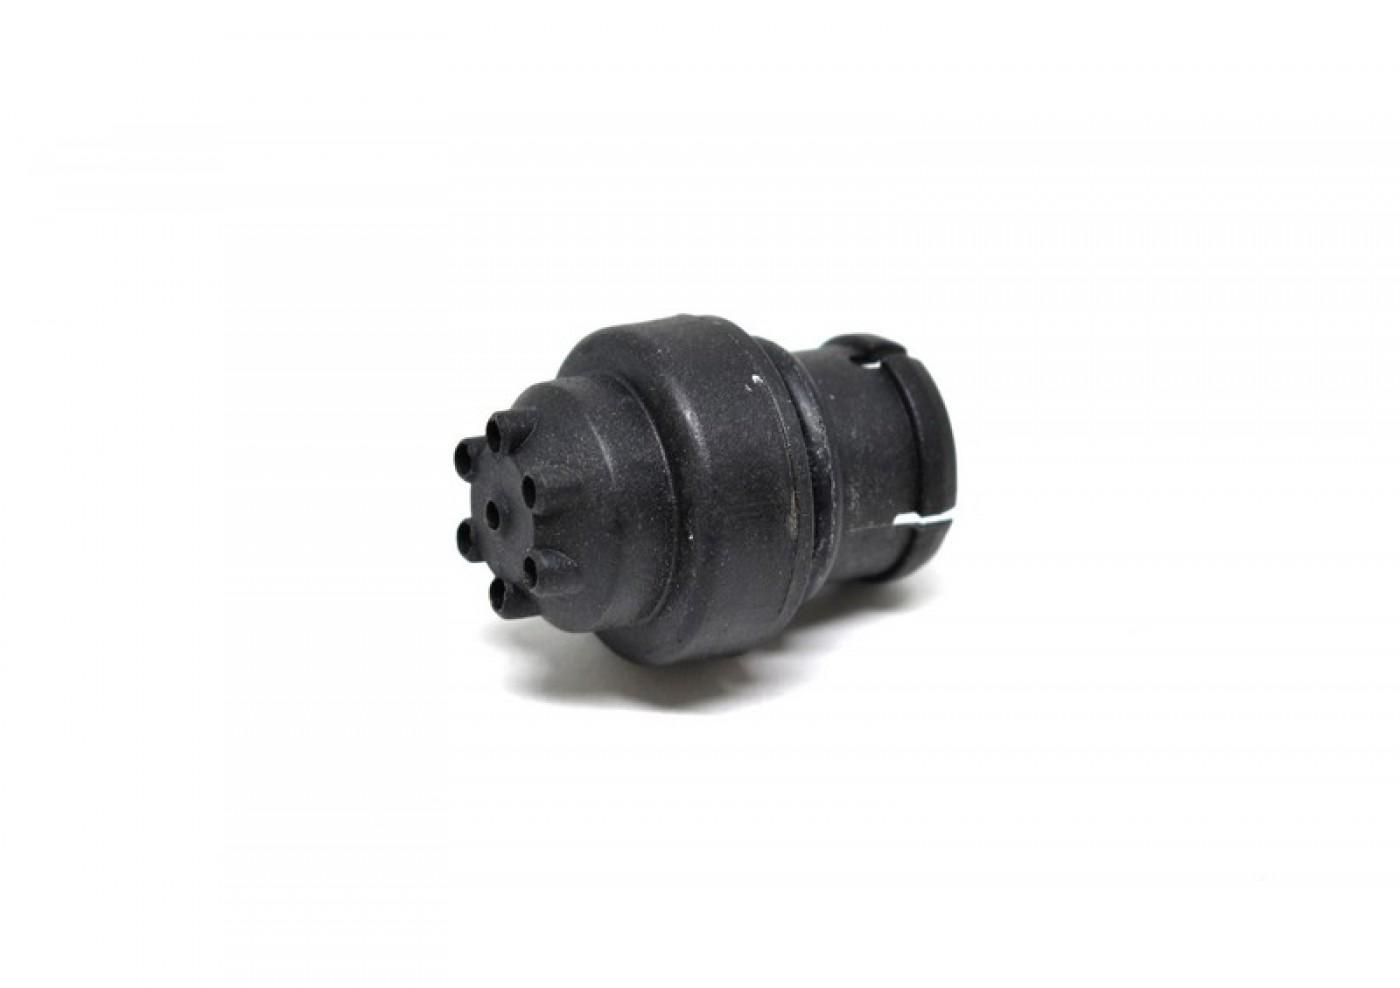 Odvzdušňovací ventil palivové nádrže Stihl MS361 MS362 MS260 BG85 - 0000 350 5800